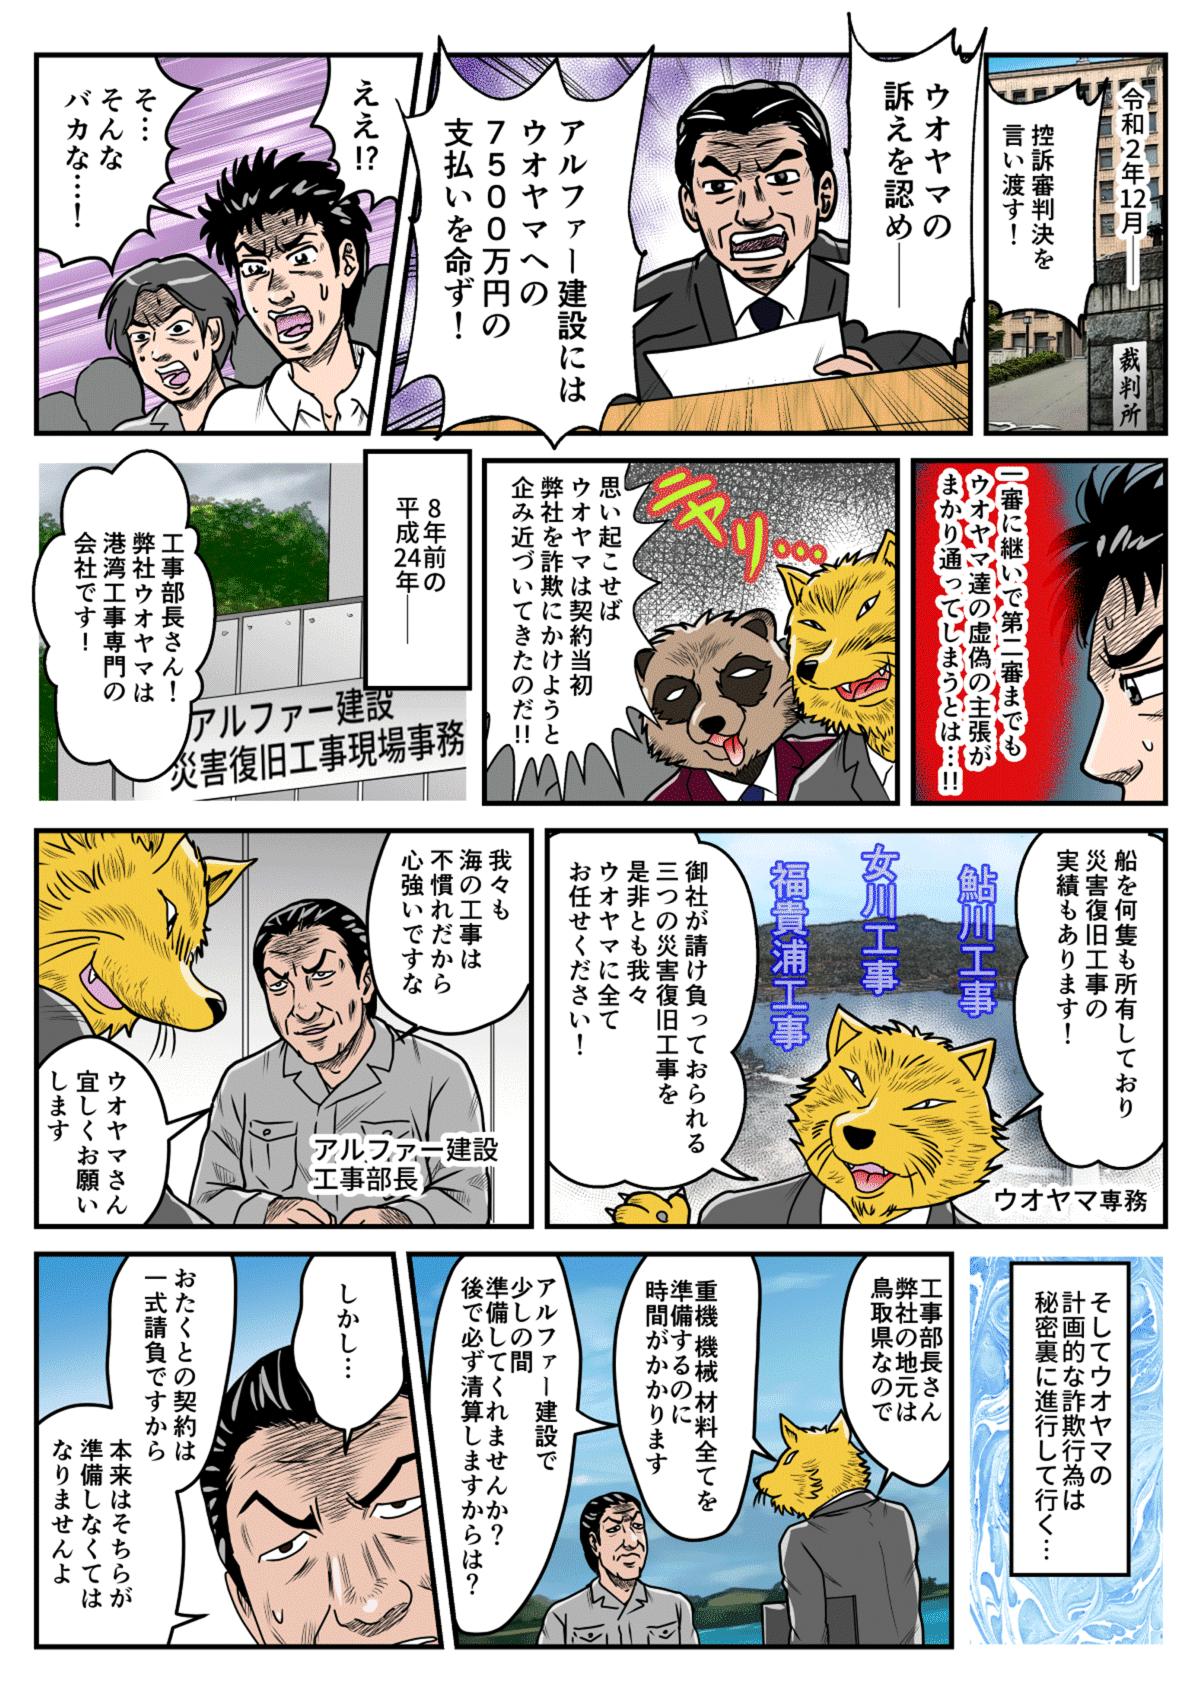 uoyama01_01